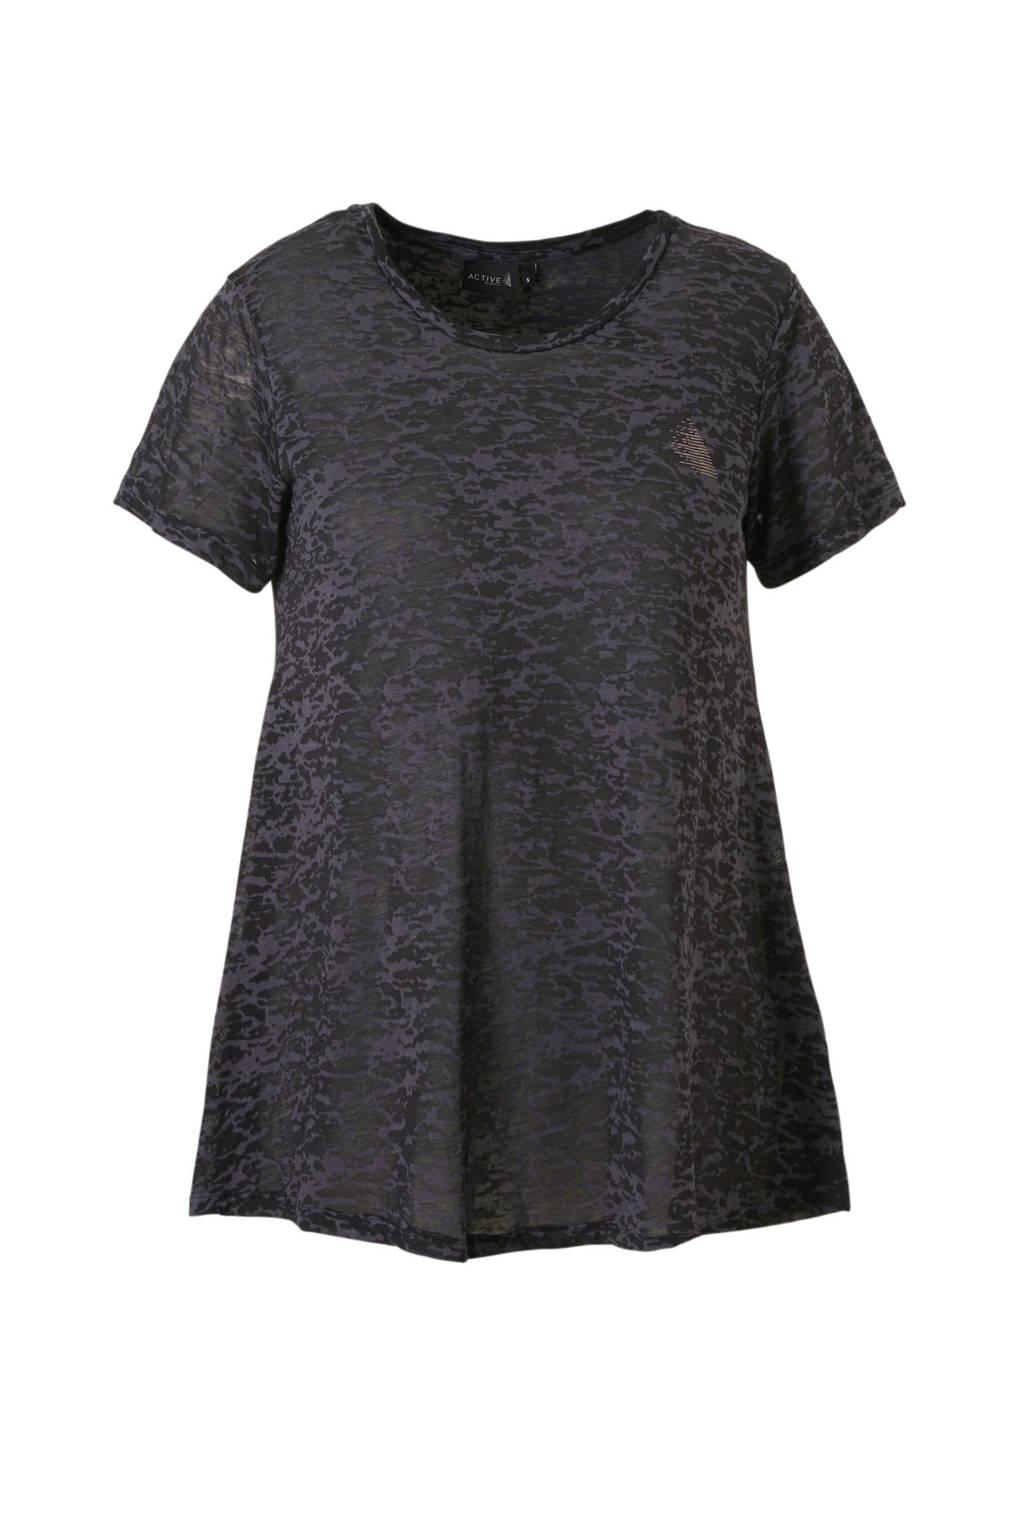 ACTIVE By Zizzi sport T-shirt doorzichtig grijs/zwart, Grijs/zwart